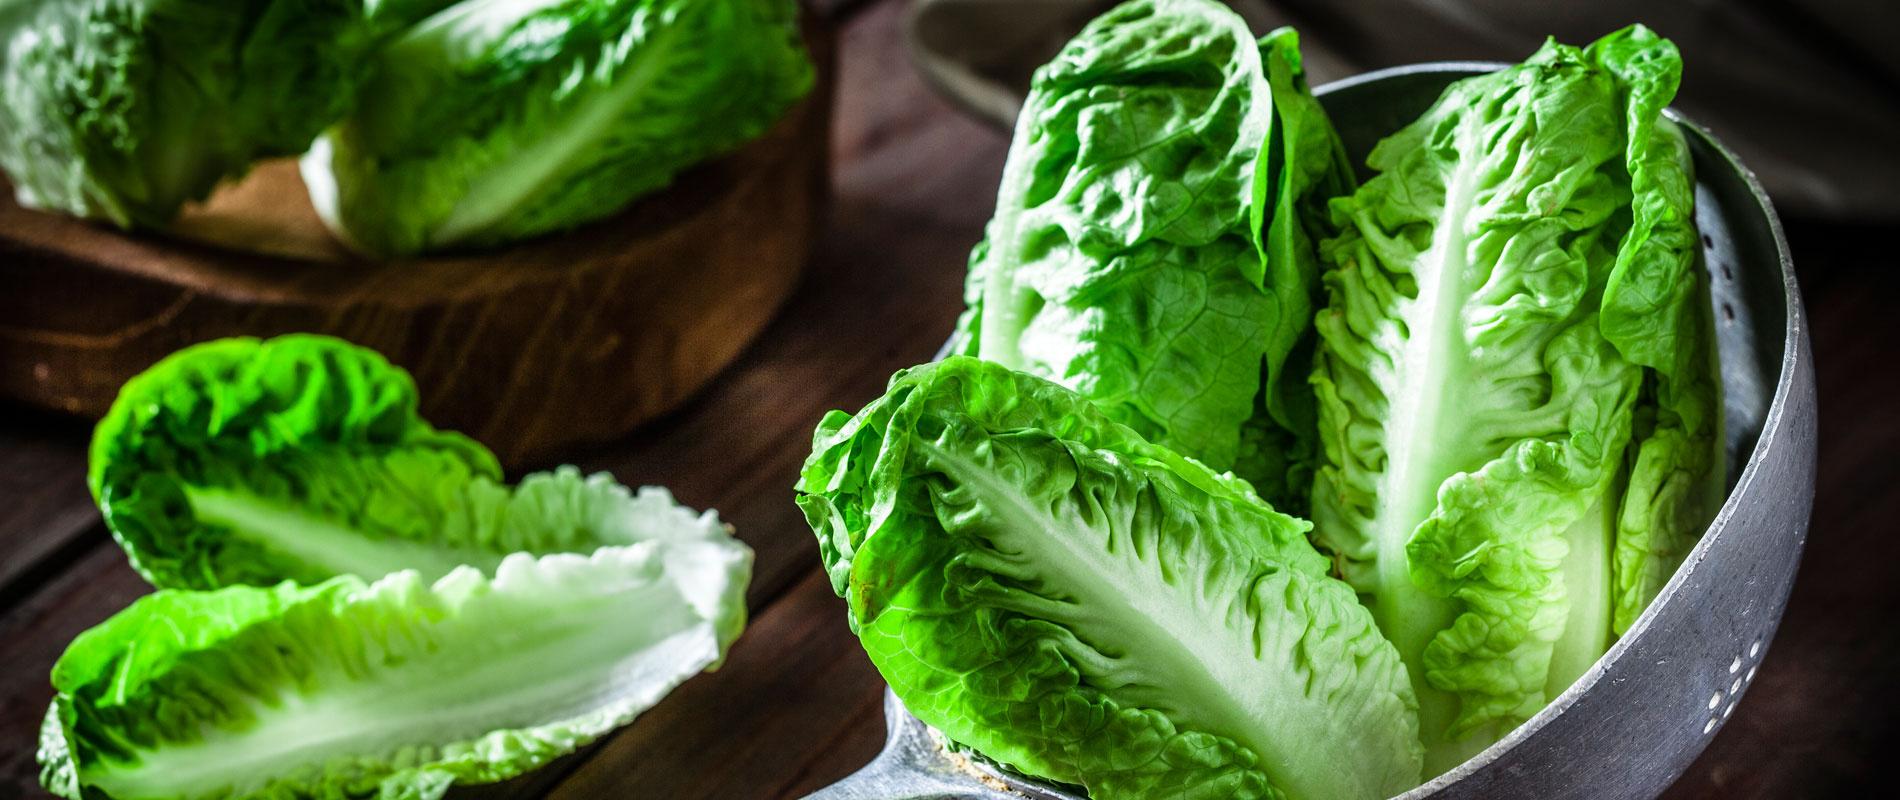 saláta3cover